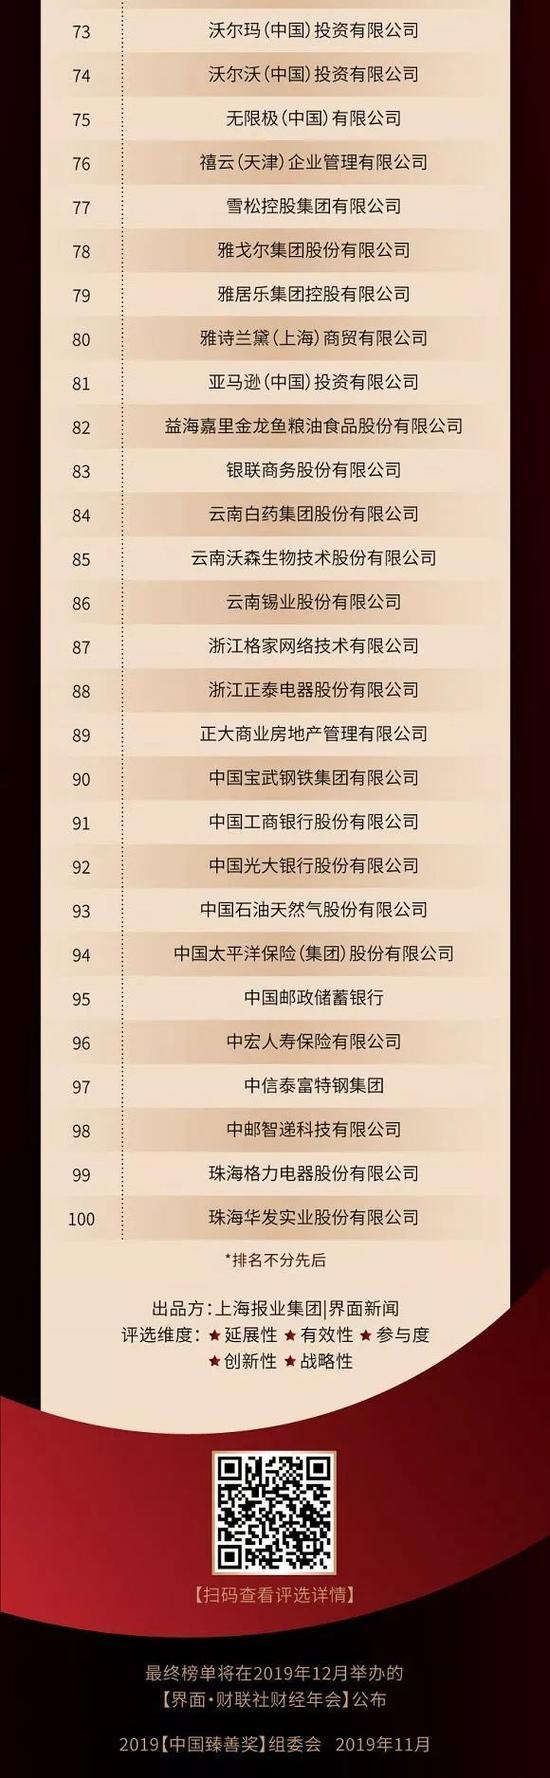 k8下载娱乐大厅,江苏卫健委:已为超130名伤员实施手术